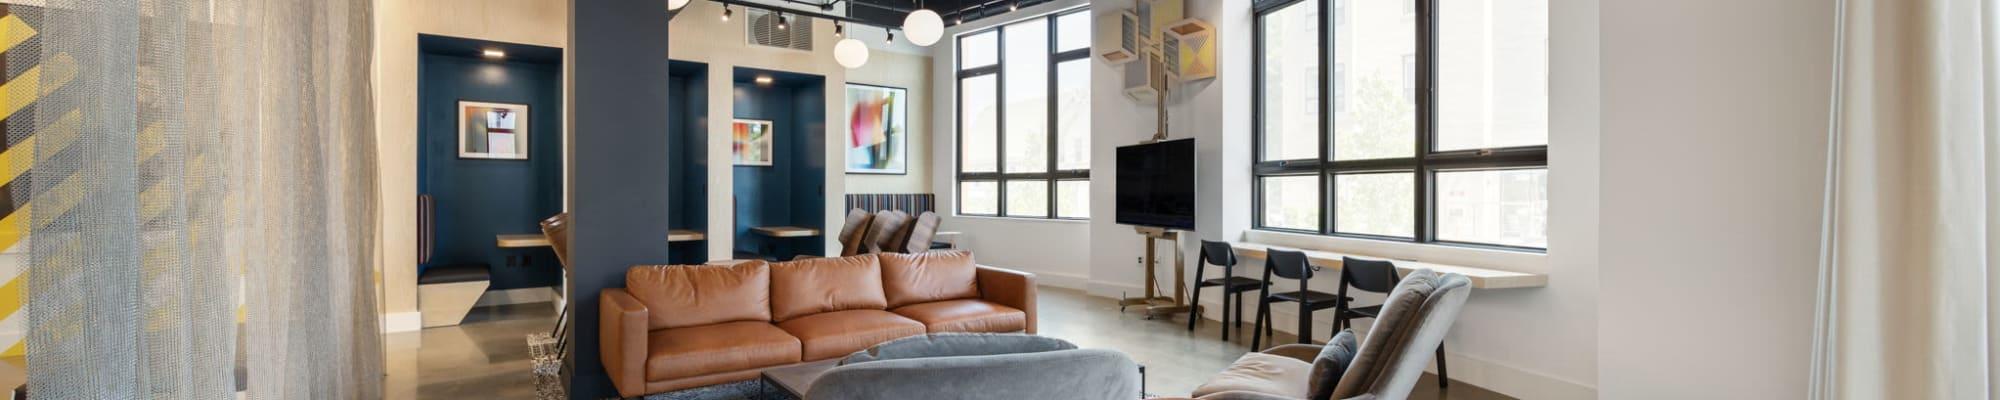 Contact Arthaus Apartments in Allston, Massachusetts